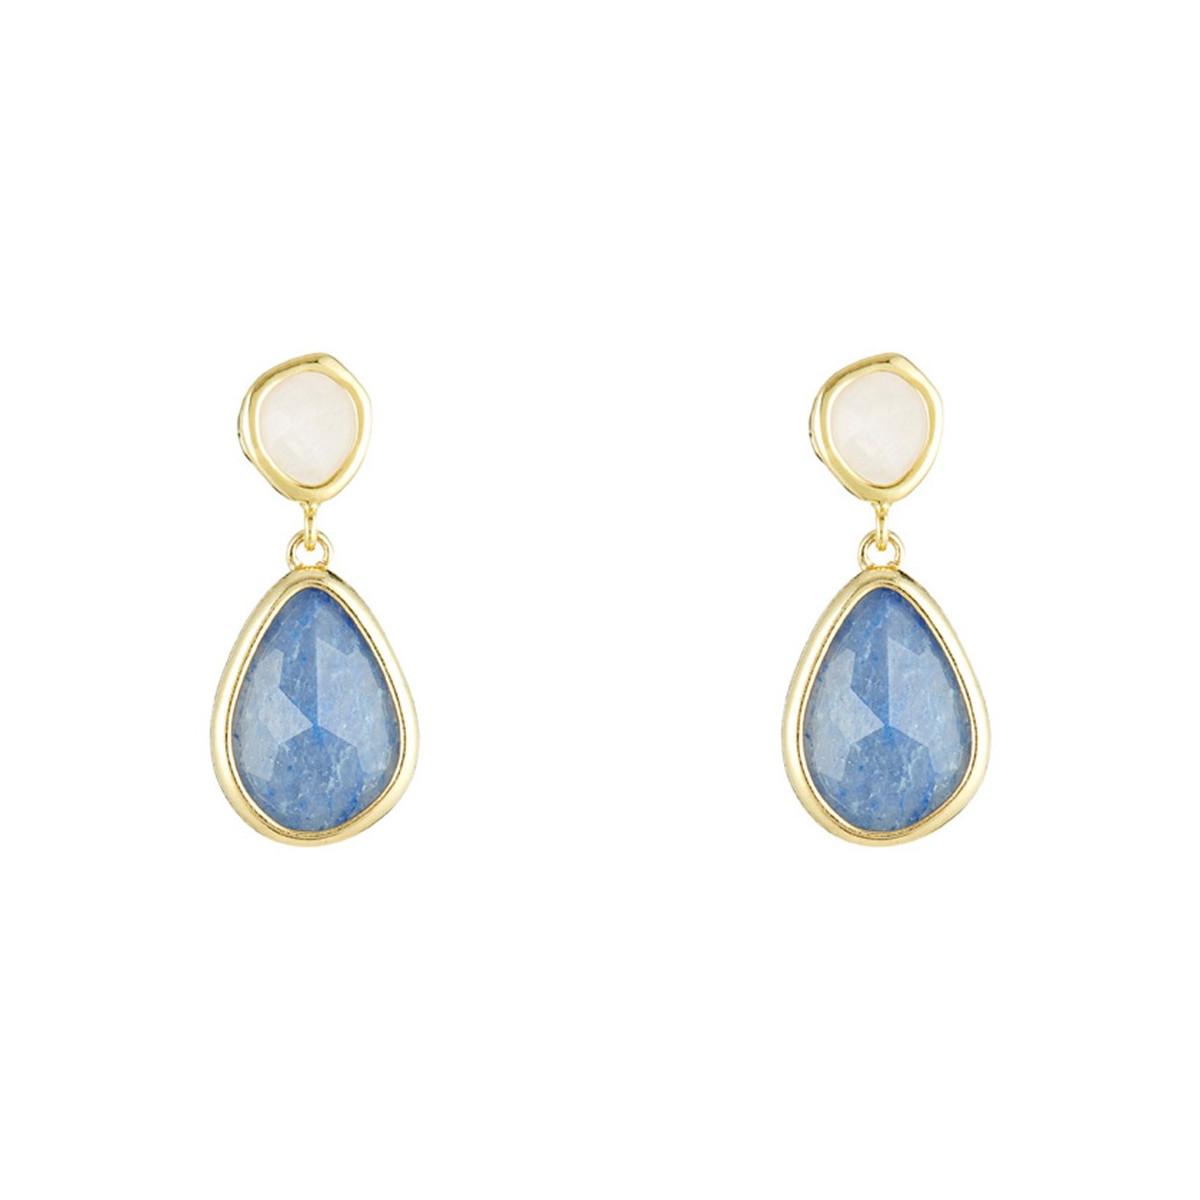 Boucles d'oreilles Lauren doré et aventurine, quartz bleue et rose